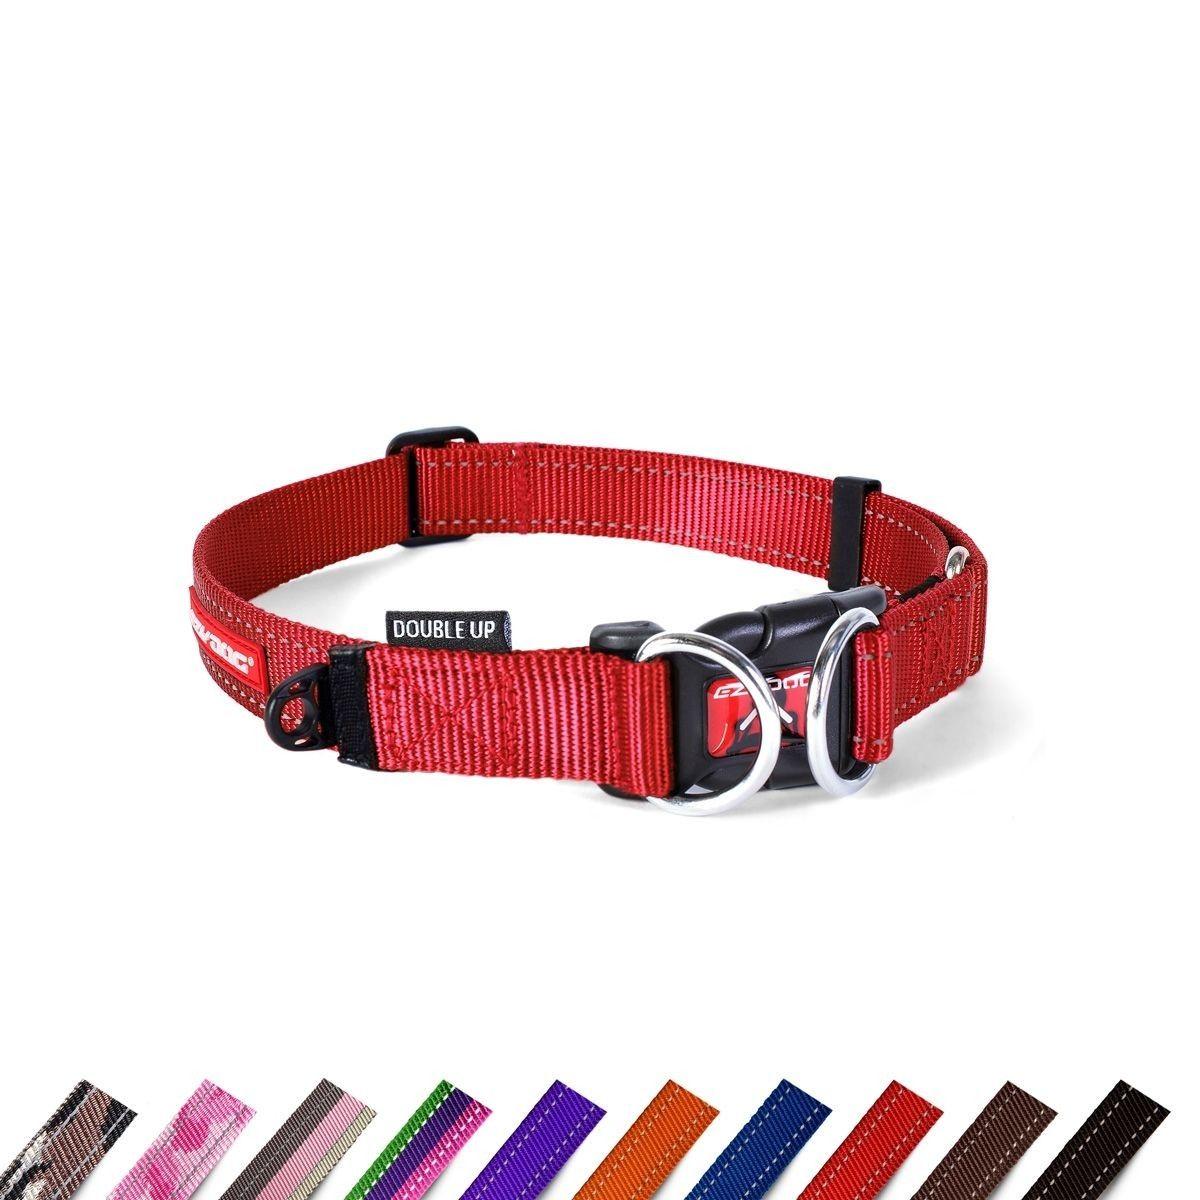 Double Up Halsband mit Zugentlastung - Das Sicherheitshalsband